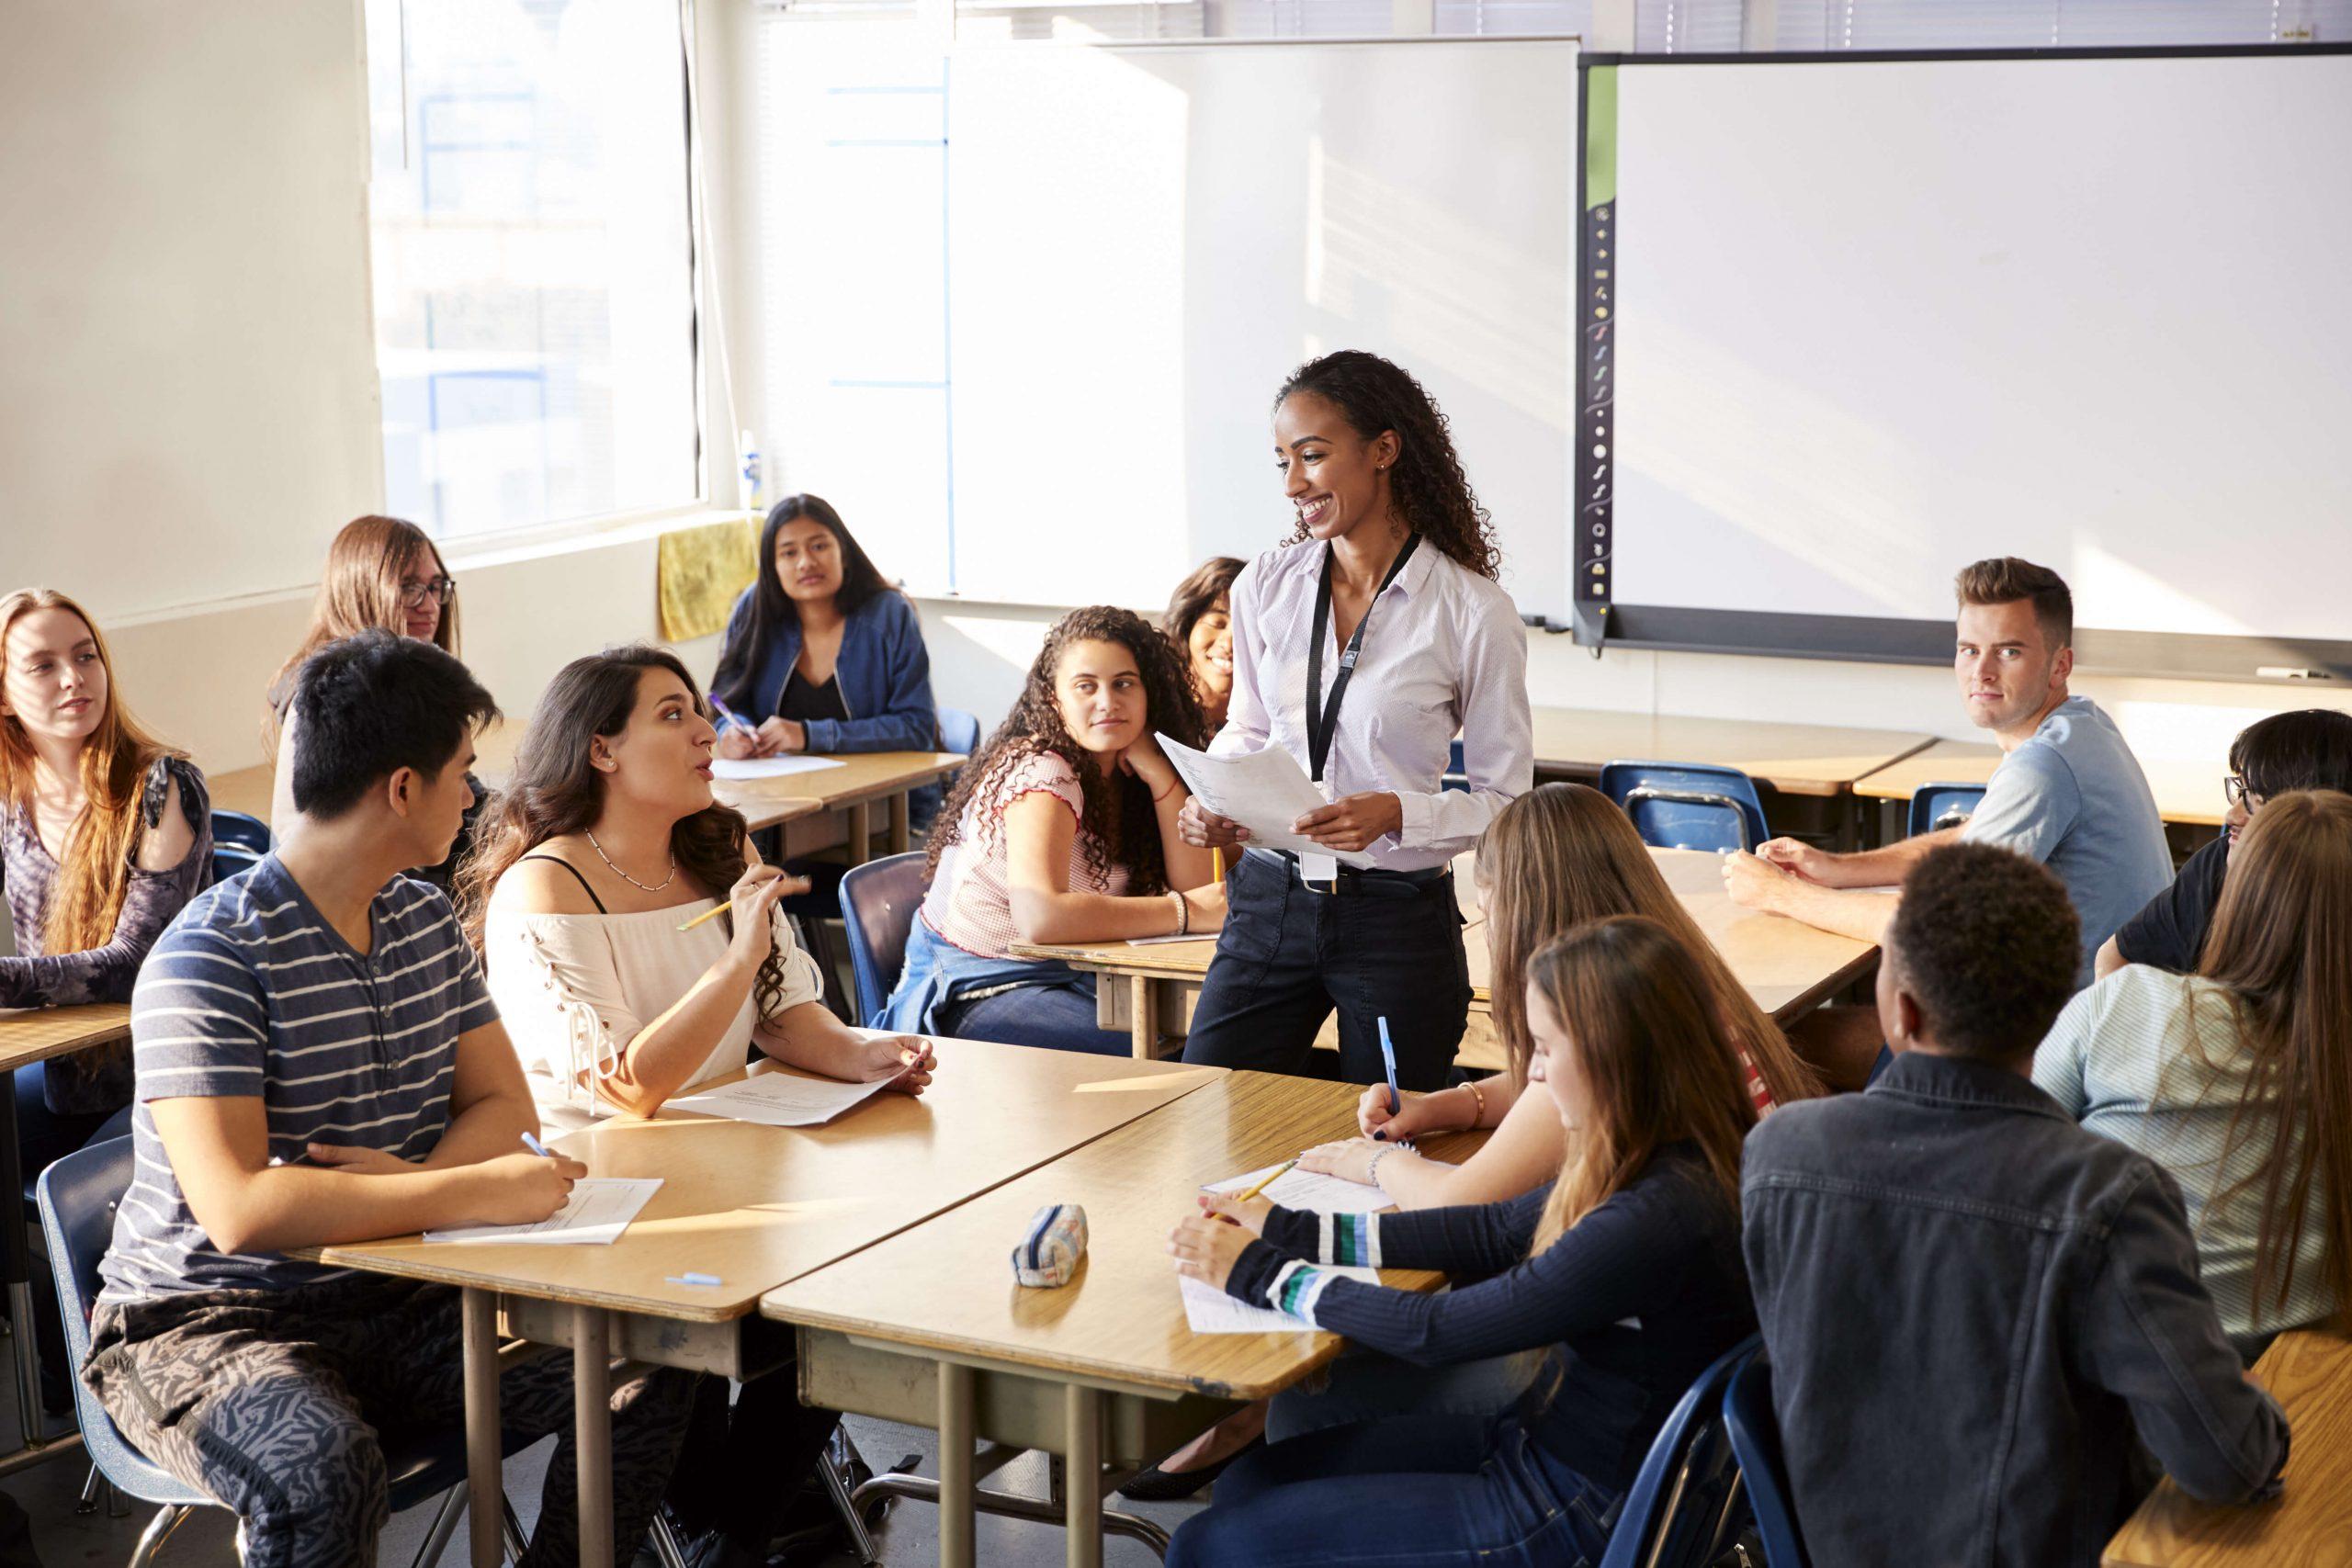 Kvinnelig lærer med elever/deltakere i et klasserom.